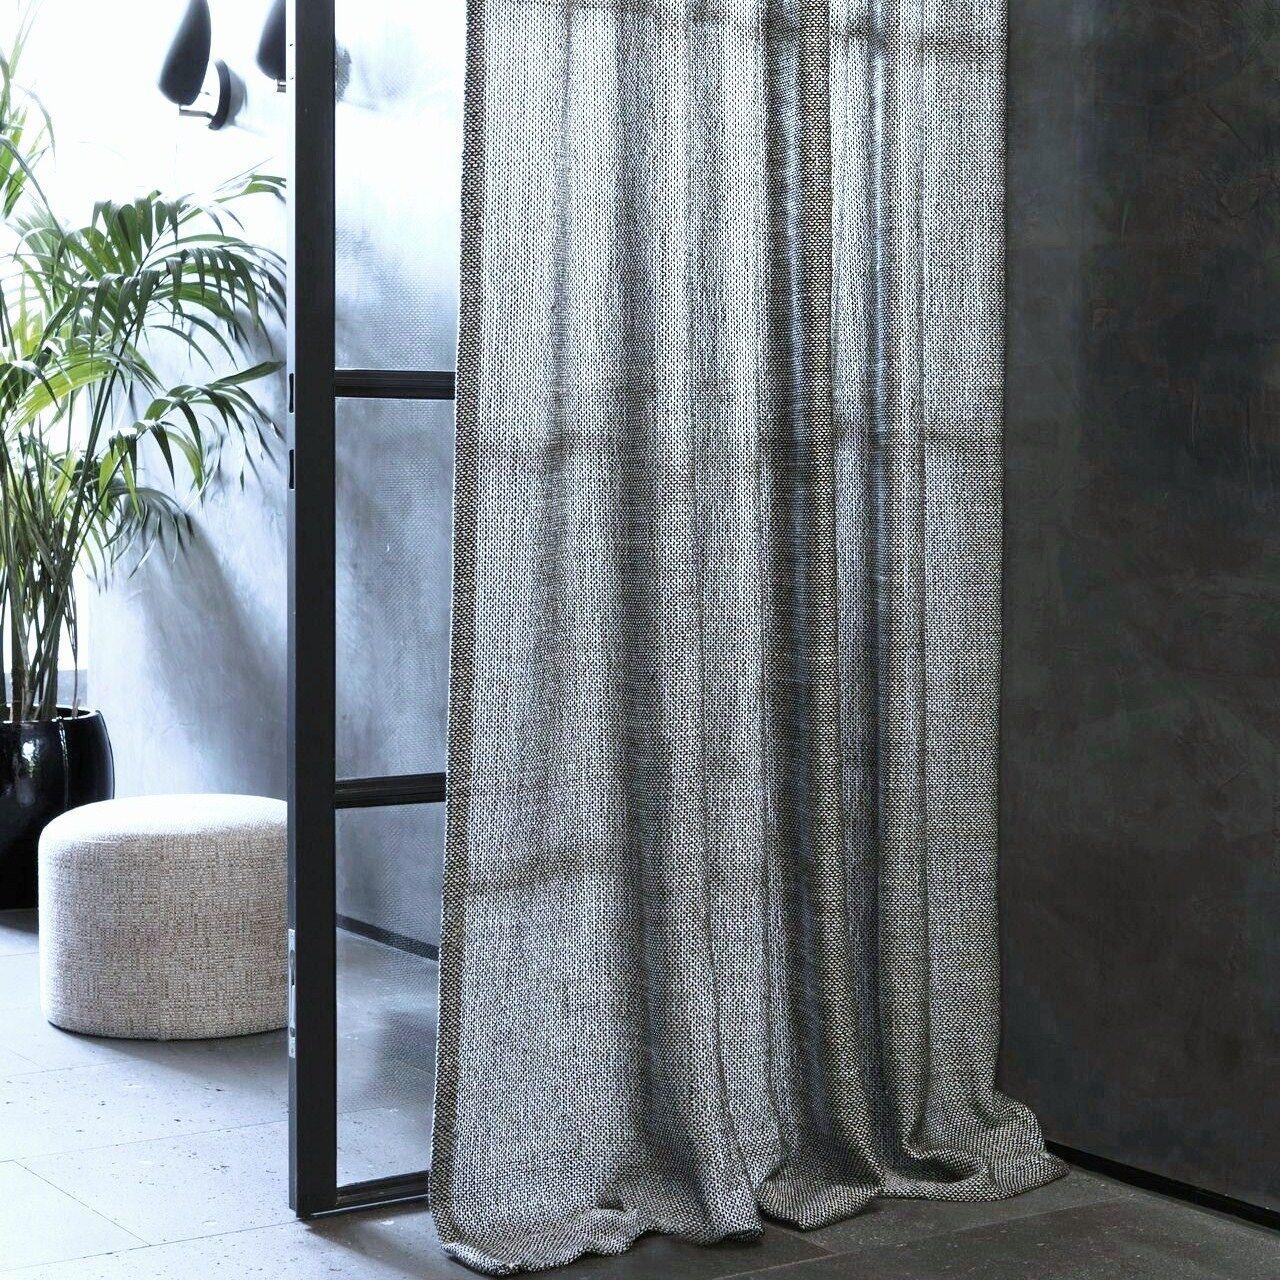 fino al 60% di sconto  sostanza Design   Palermo  3 M. M. M. alta  favolosa Decorazione-Tessuto  Dick & Soft CARLUCCI  acquisti online